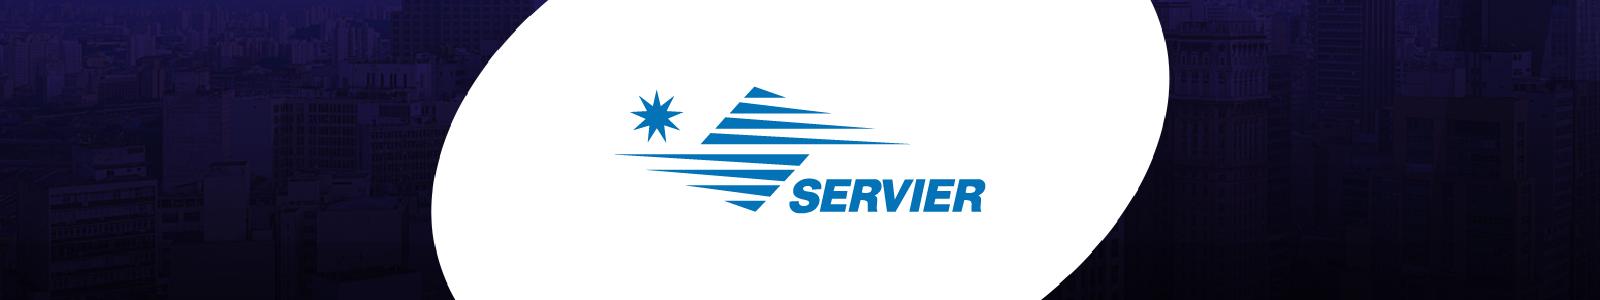 banner-servier